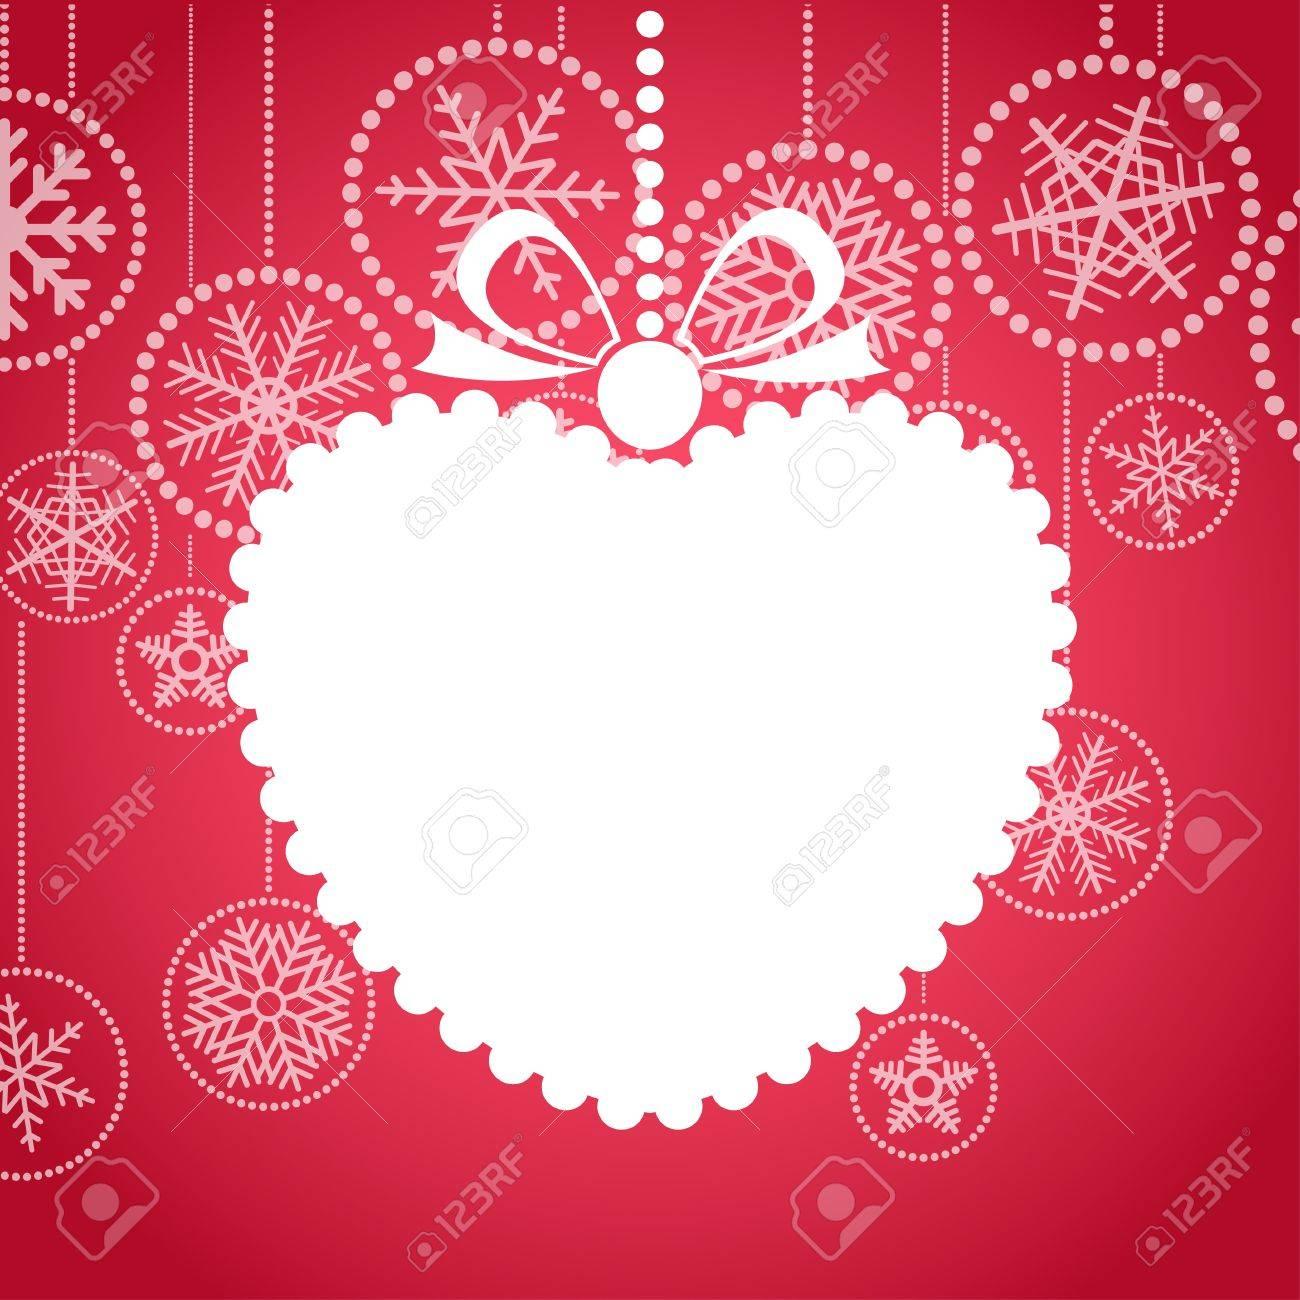 Red de felicitación de Navidad con la tarjeta blanca de juguetes de Navidad. Feliz Navidad y Próspero Año Nuevo Hapy, Foto de archivo - 11595627